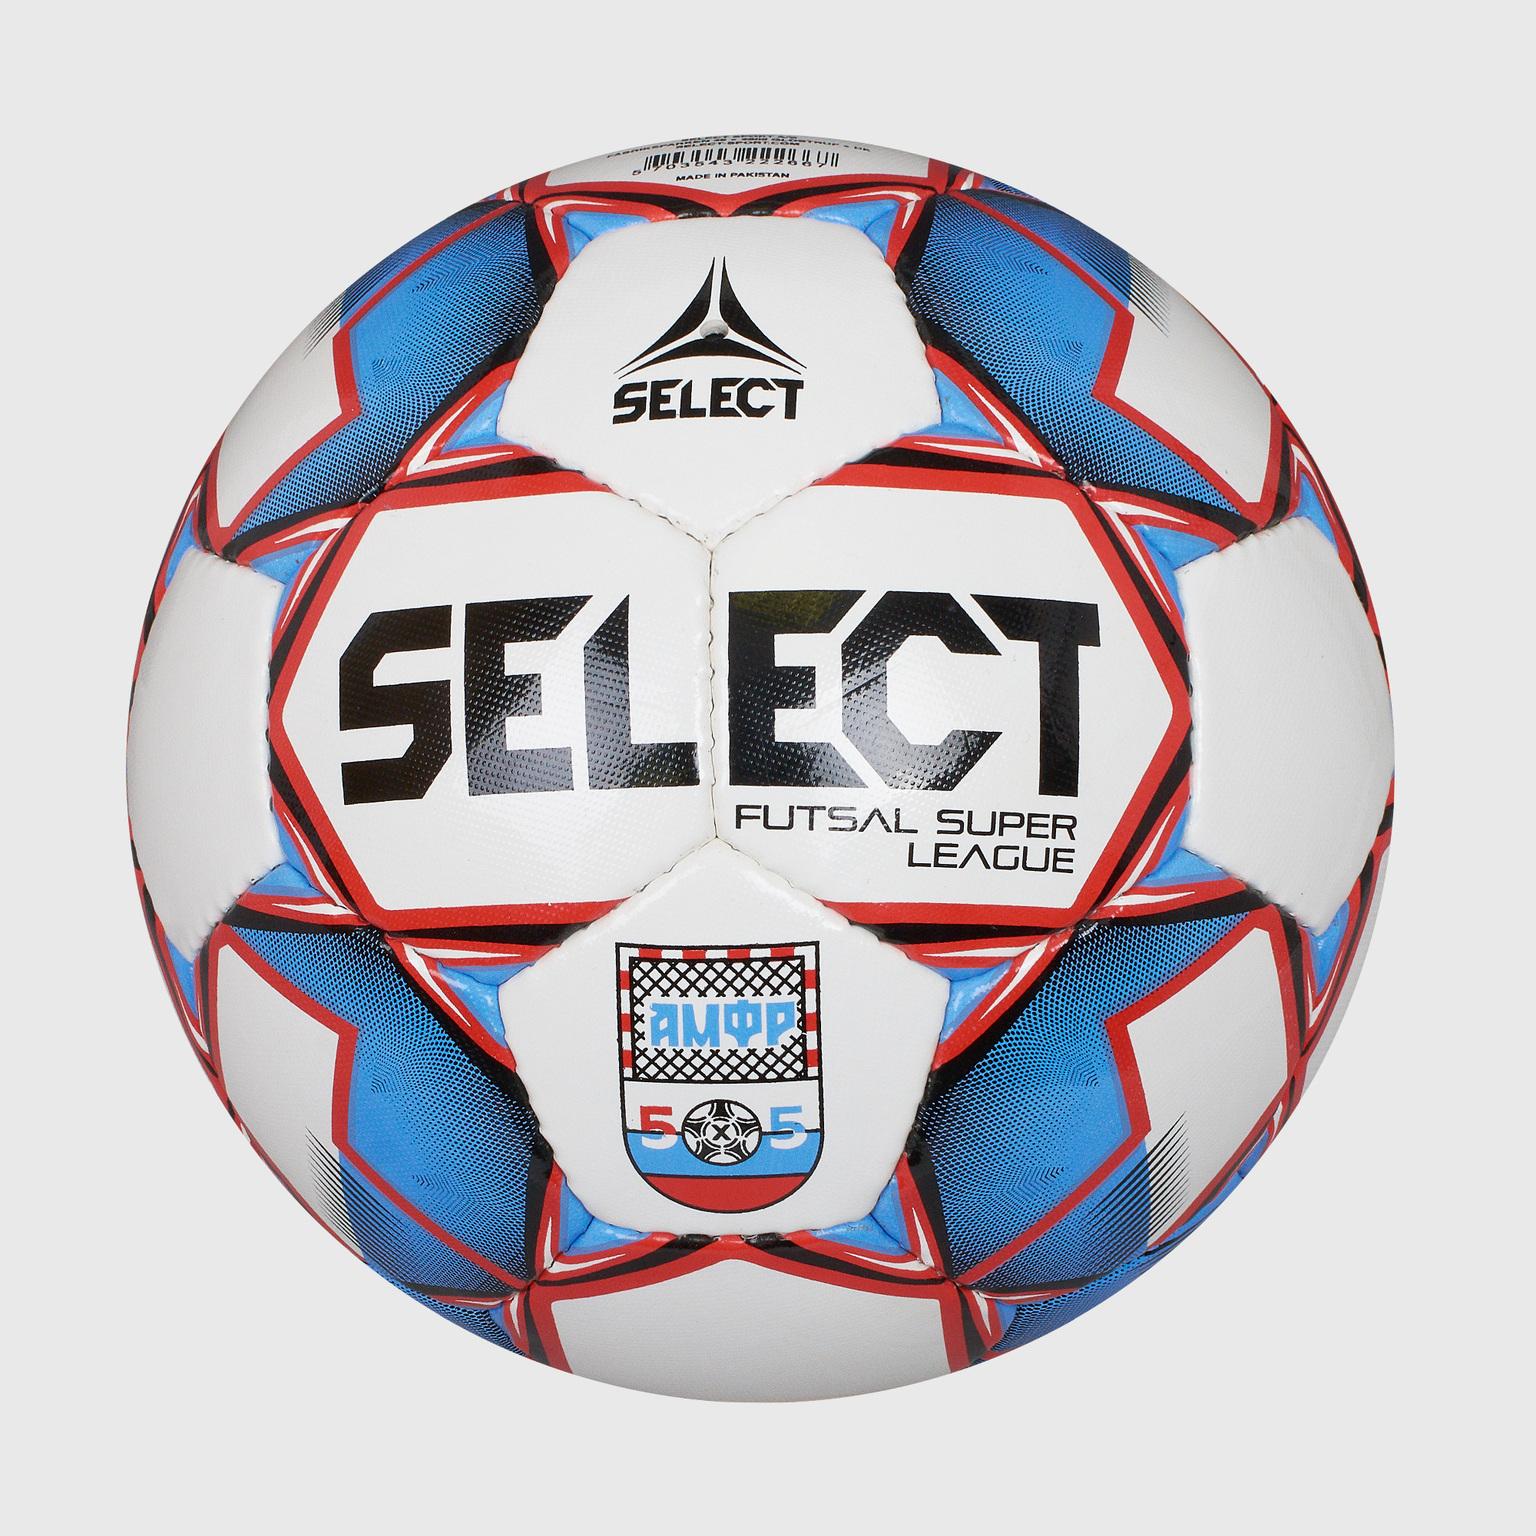 Мяч Select Super League АМФР РФС FIFA 850718-172 рфс рфс p990301 16b